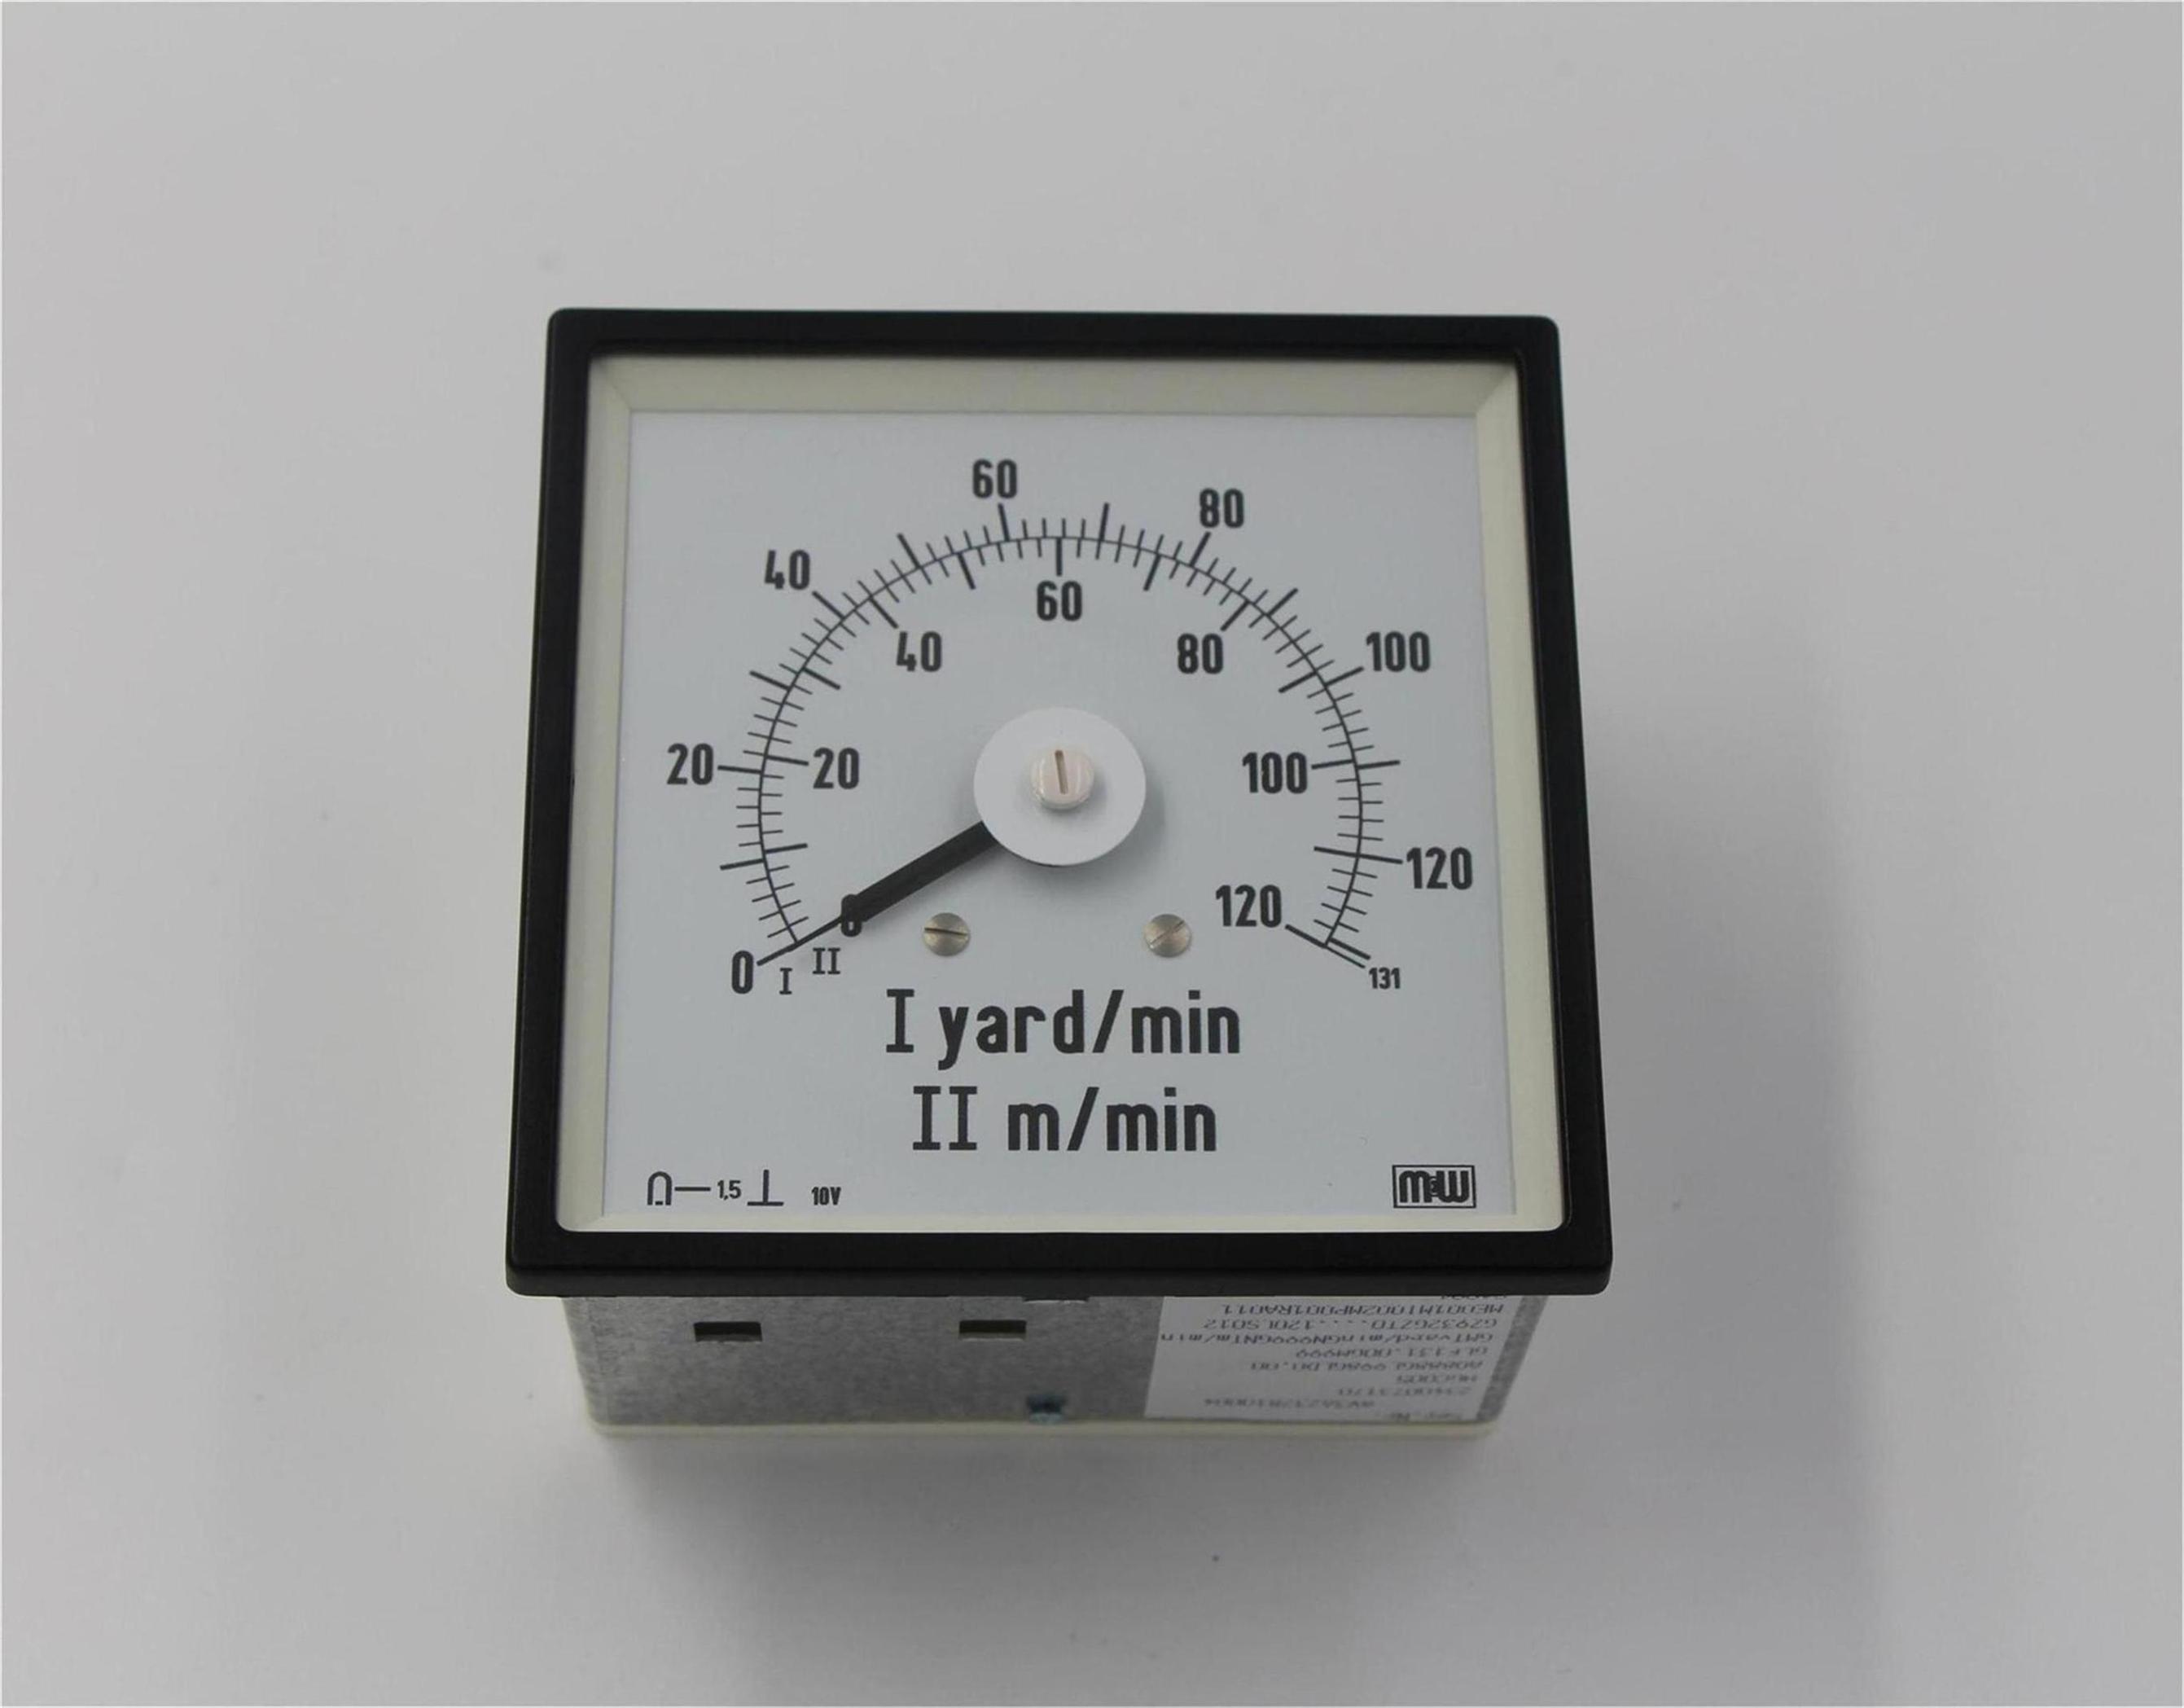 門富士定型機速度表廠家推薦 誠摯推薦品牌好的門富士定型機速度表